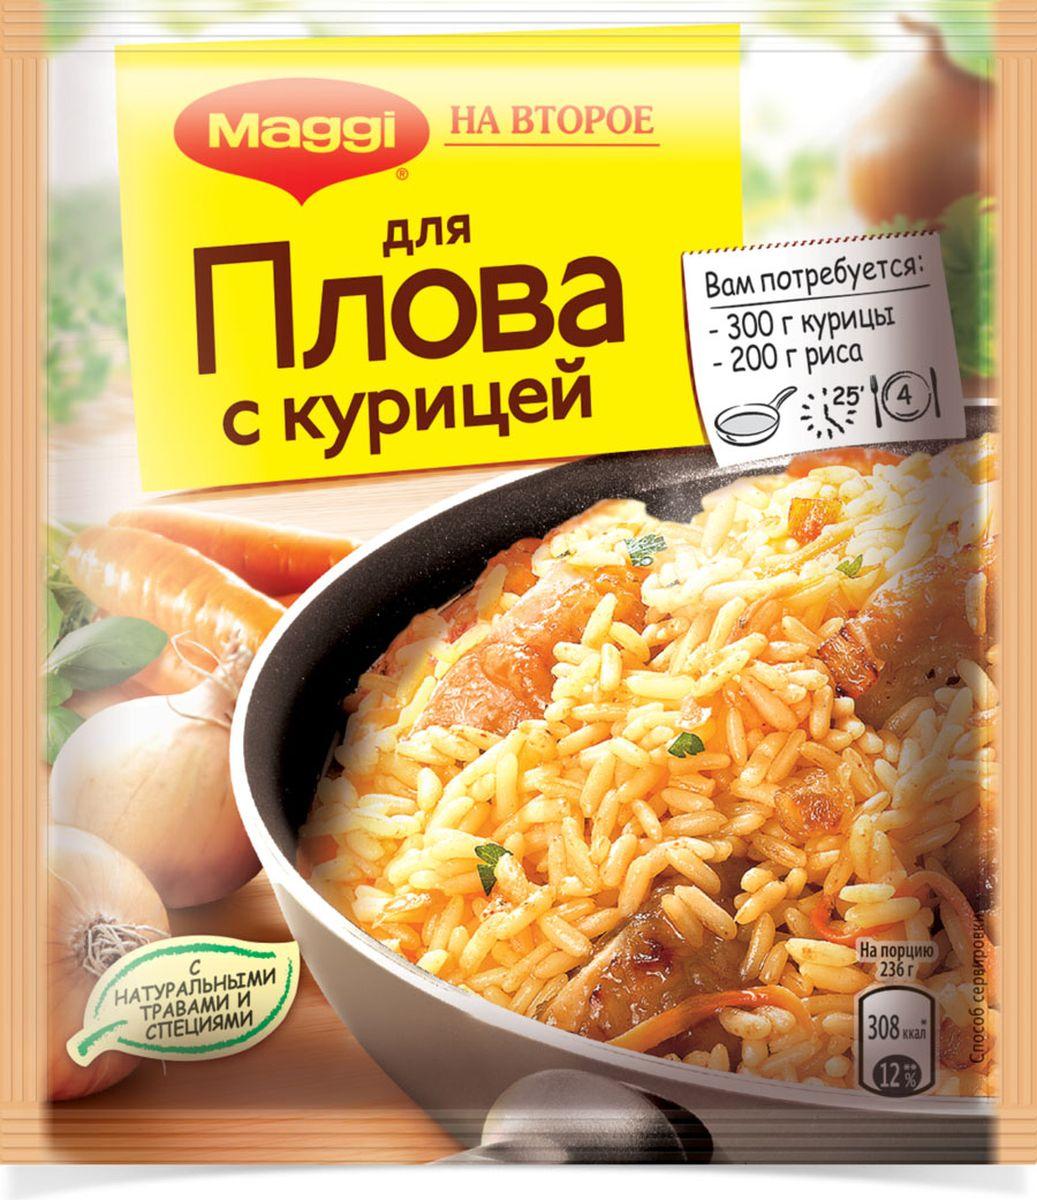 Maggi На второе для плова с курицей, 24 г0120710Плов - гордость национальных кухонь многих народов Средней Азии, Ближнего и Среднего Востока, Закавказья. Там это вкусное и сытное блюдо употребляется повседневно, но и торжественные события без него не обходятся. Есть огромное количество вариантов приготовления — с мясом, рыбой, овощами и фруктами. Maggi предлагает вам замечательный рецепт плова с курицей. Приправа Maggi На второе уже содержит все необходимые для плова ингредиенты, которые стали еще вкуснее благодаря уникальному сочетанию натуральных трав и специй. А пошаговые фото помогут вам приготовить плов на обед или ужин очень быстро и без лишних хлопот.Продукт может содержать незначительное количество молока, сельдерея, глютена.Уважаемые клиенты! Обращаем ваше внимание на то, что упаковка может иметь несколько видов дизайна. Поставка осуществляется в зависимости от наличия на складе.